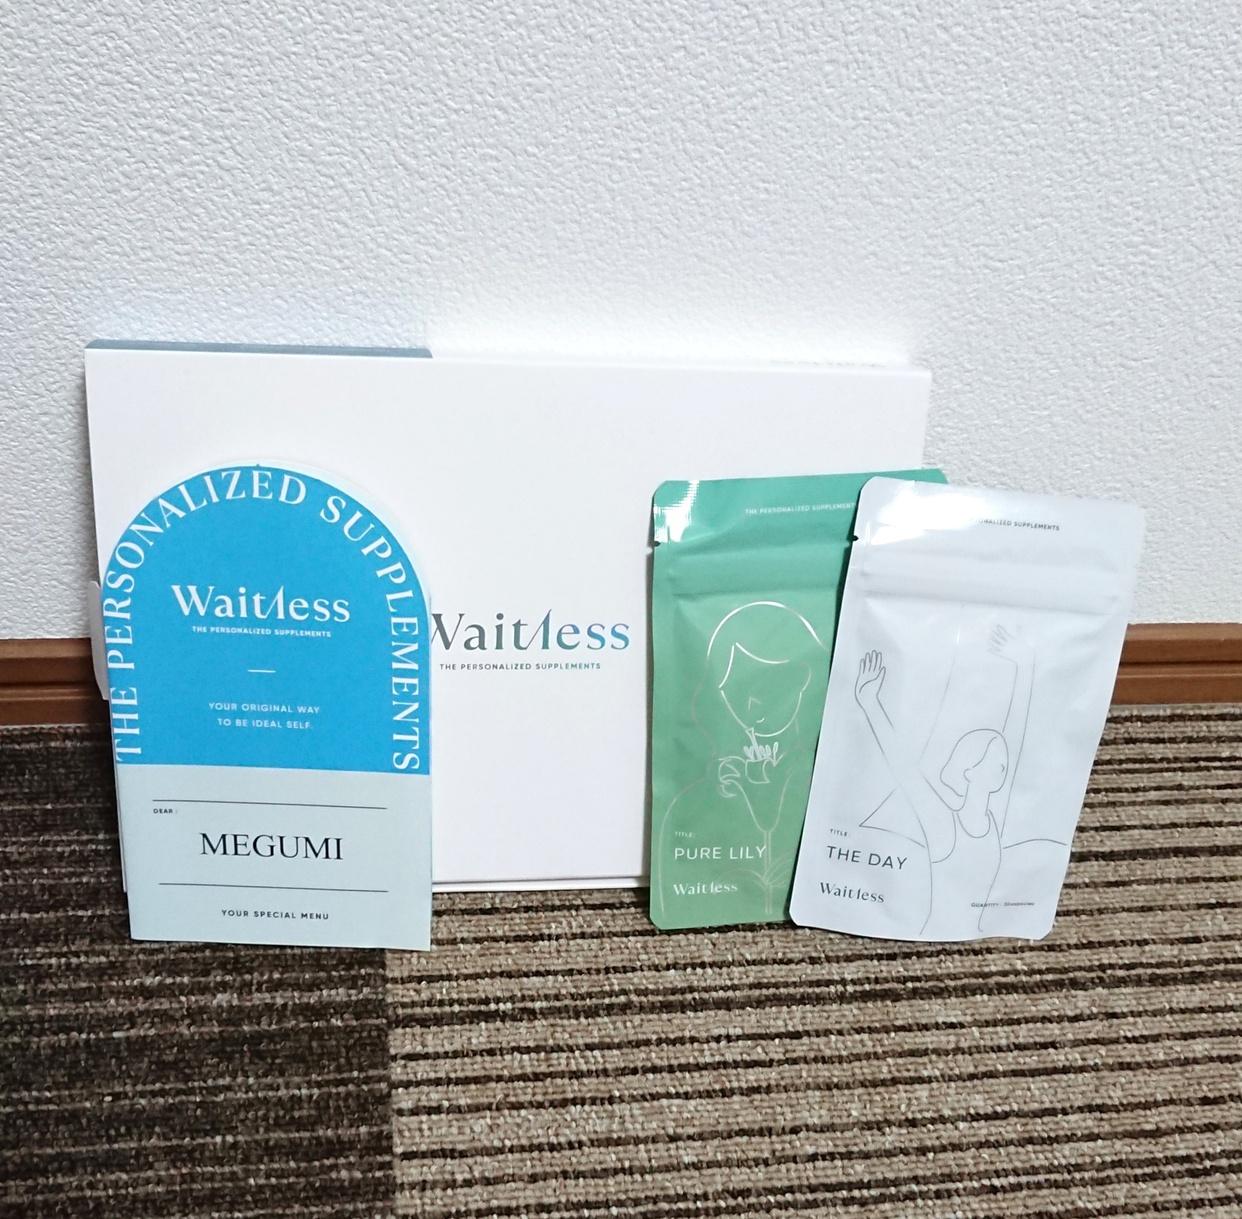 Waitless(ウェイトレス) ダイエット プログラム & サプリメント 2種を使った恵未さんのクチコミ画像3